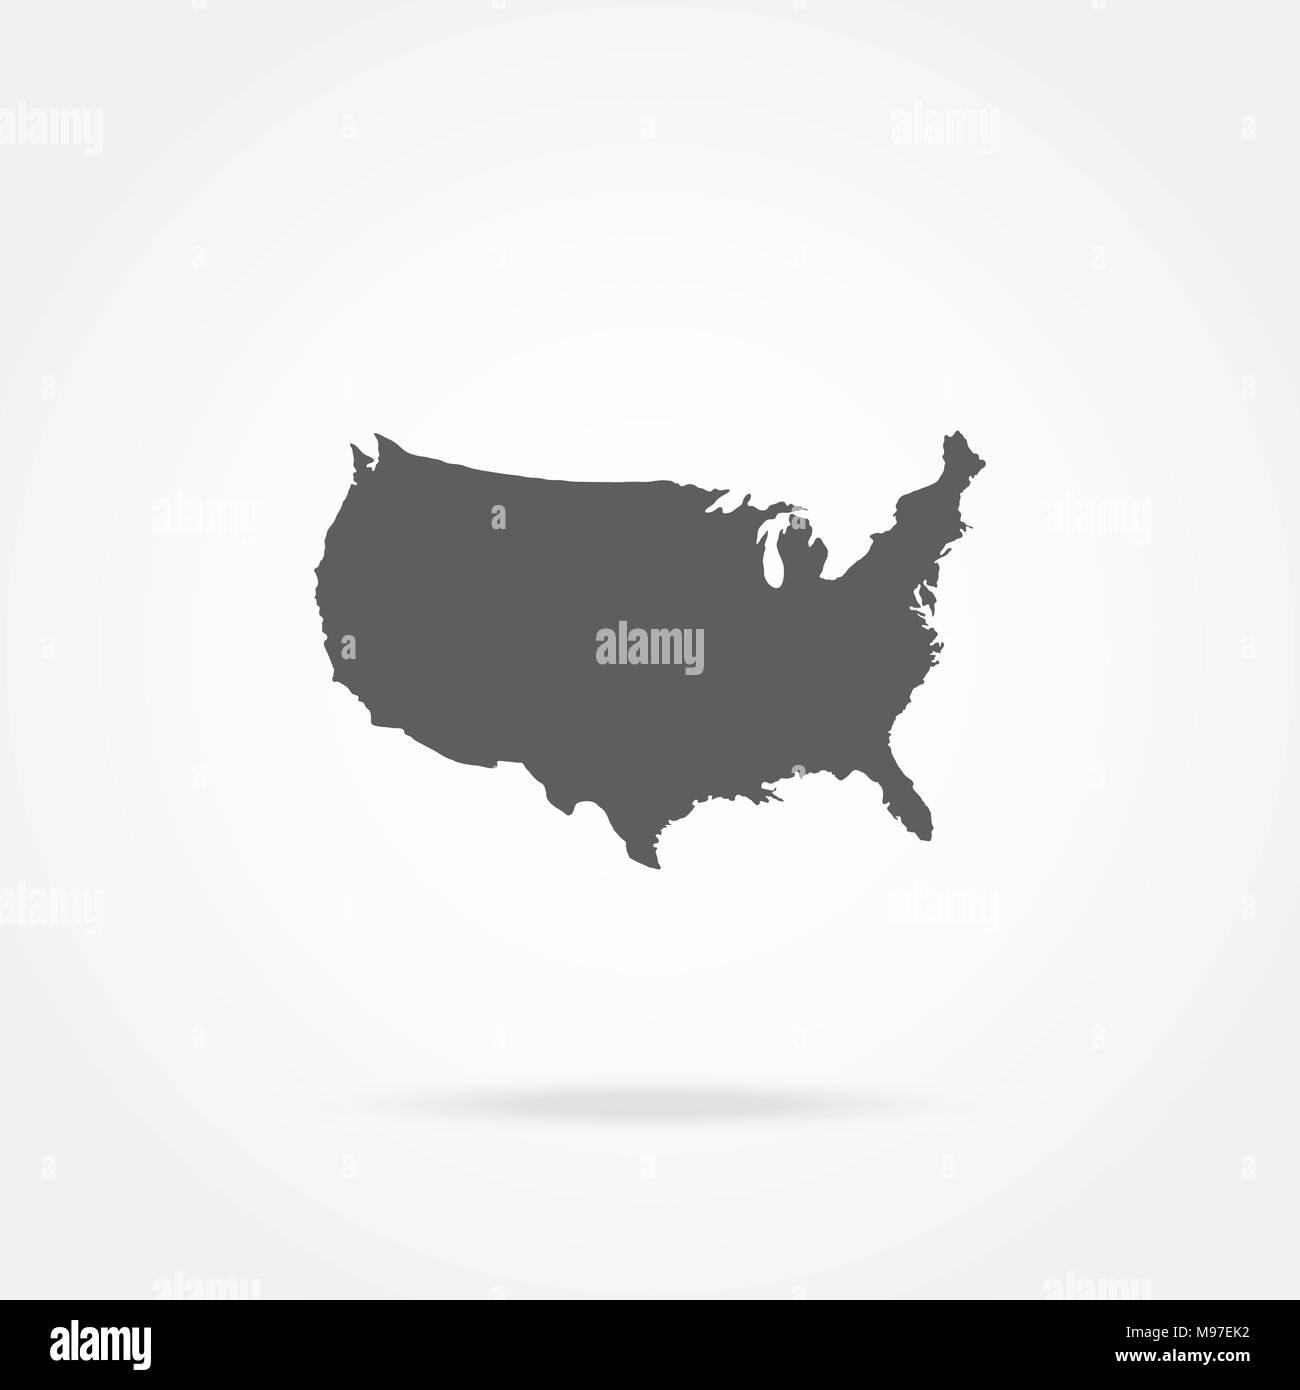 Wunderbar Karte Der Vereinigten Staaten Färbung Seite Ideen - Ideen ...